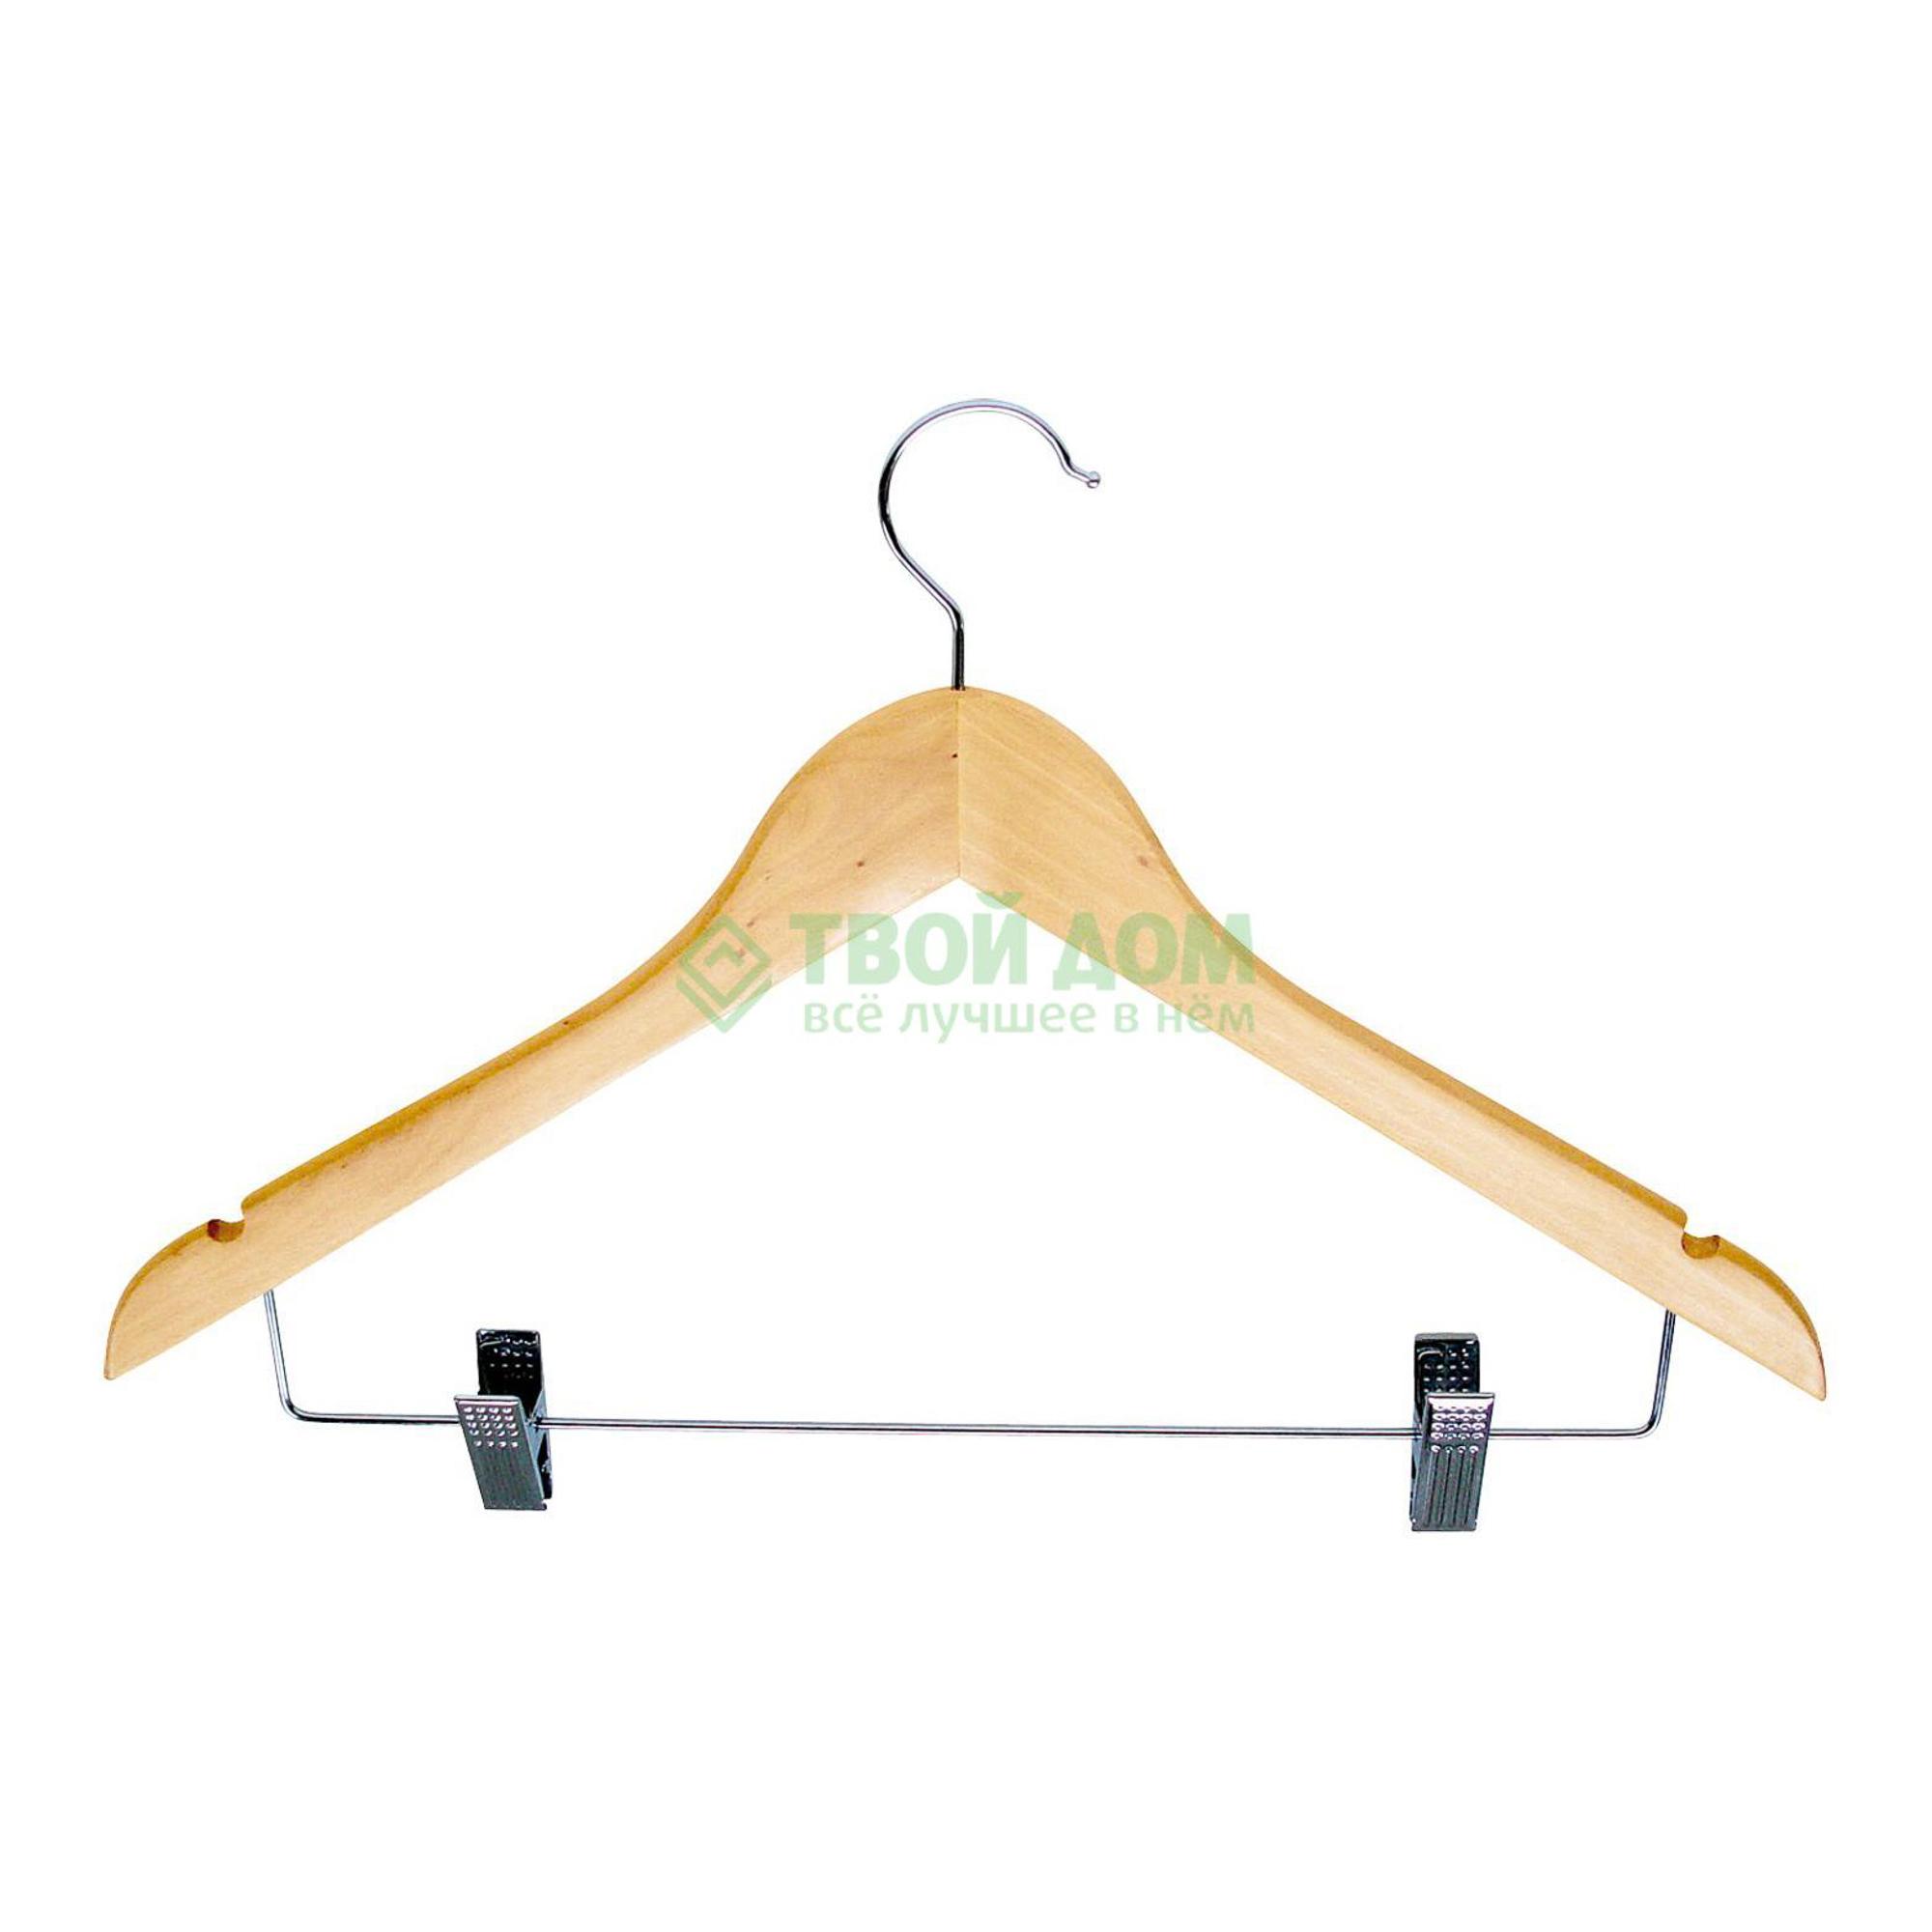 Вешалка для костюмов Valsecchi Вешалка с прищепками натур (C02/18)